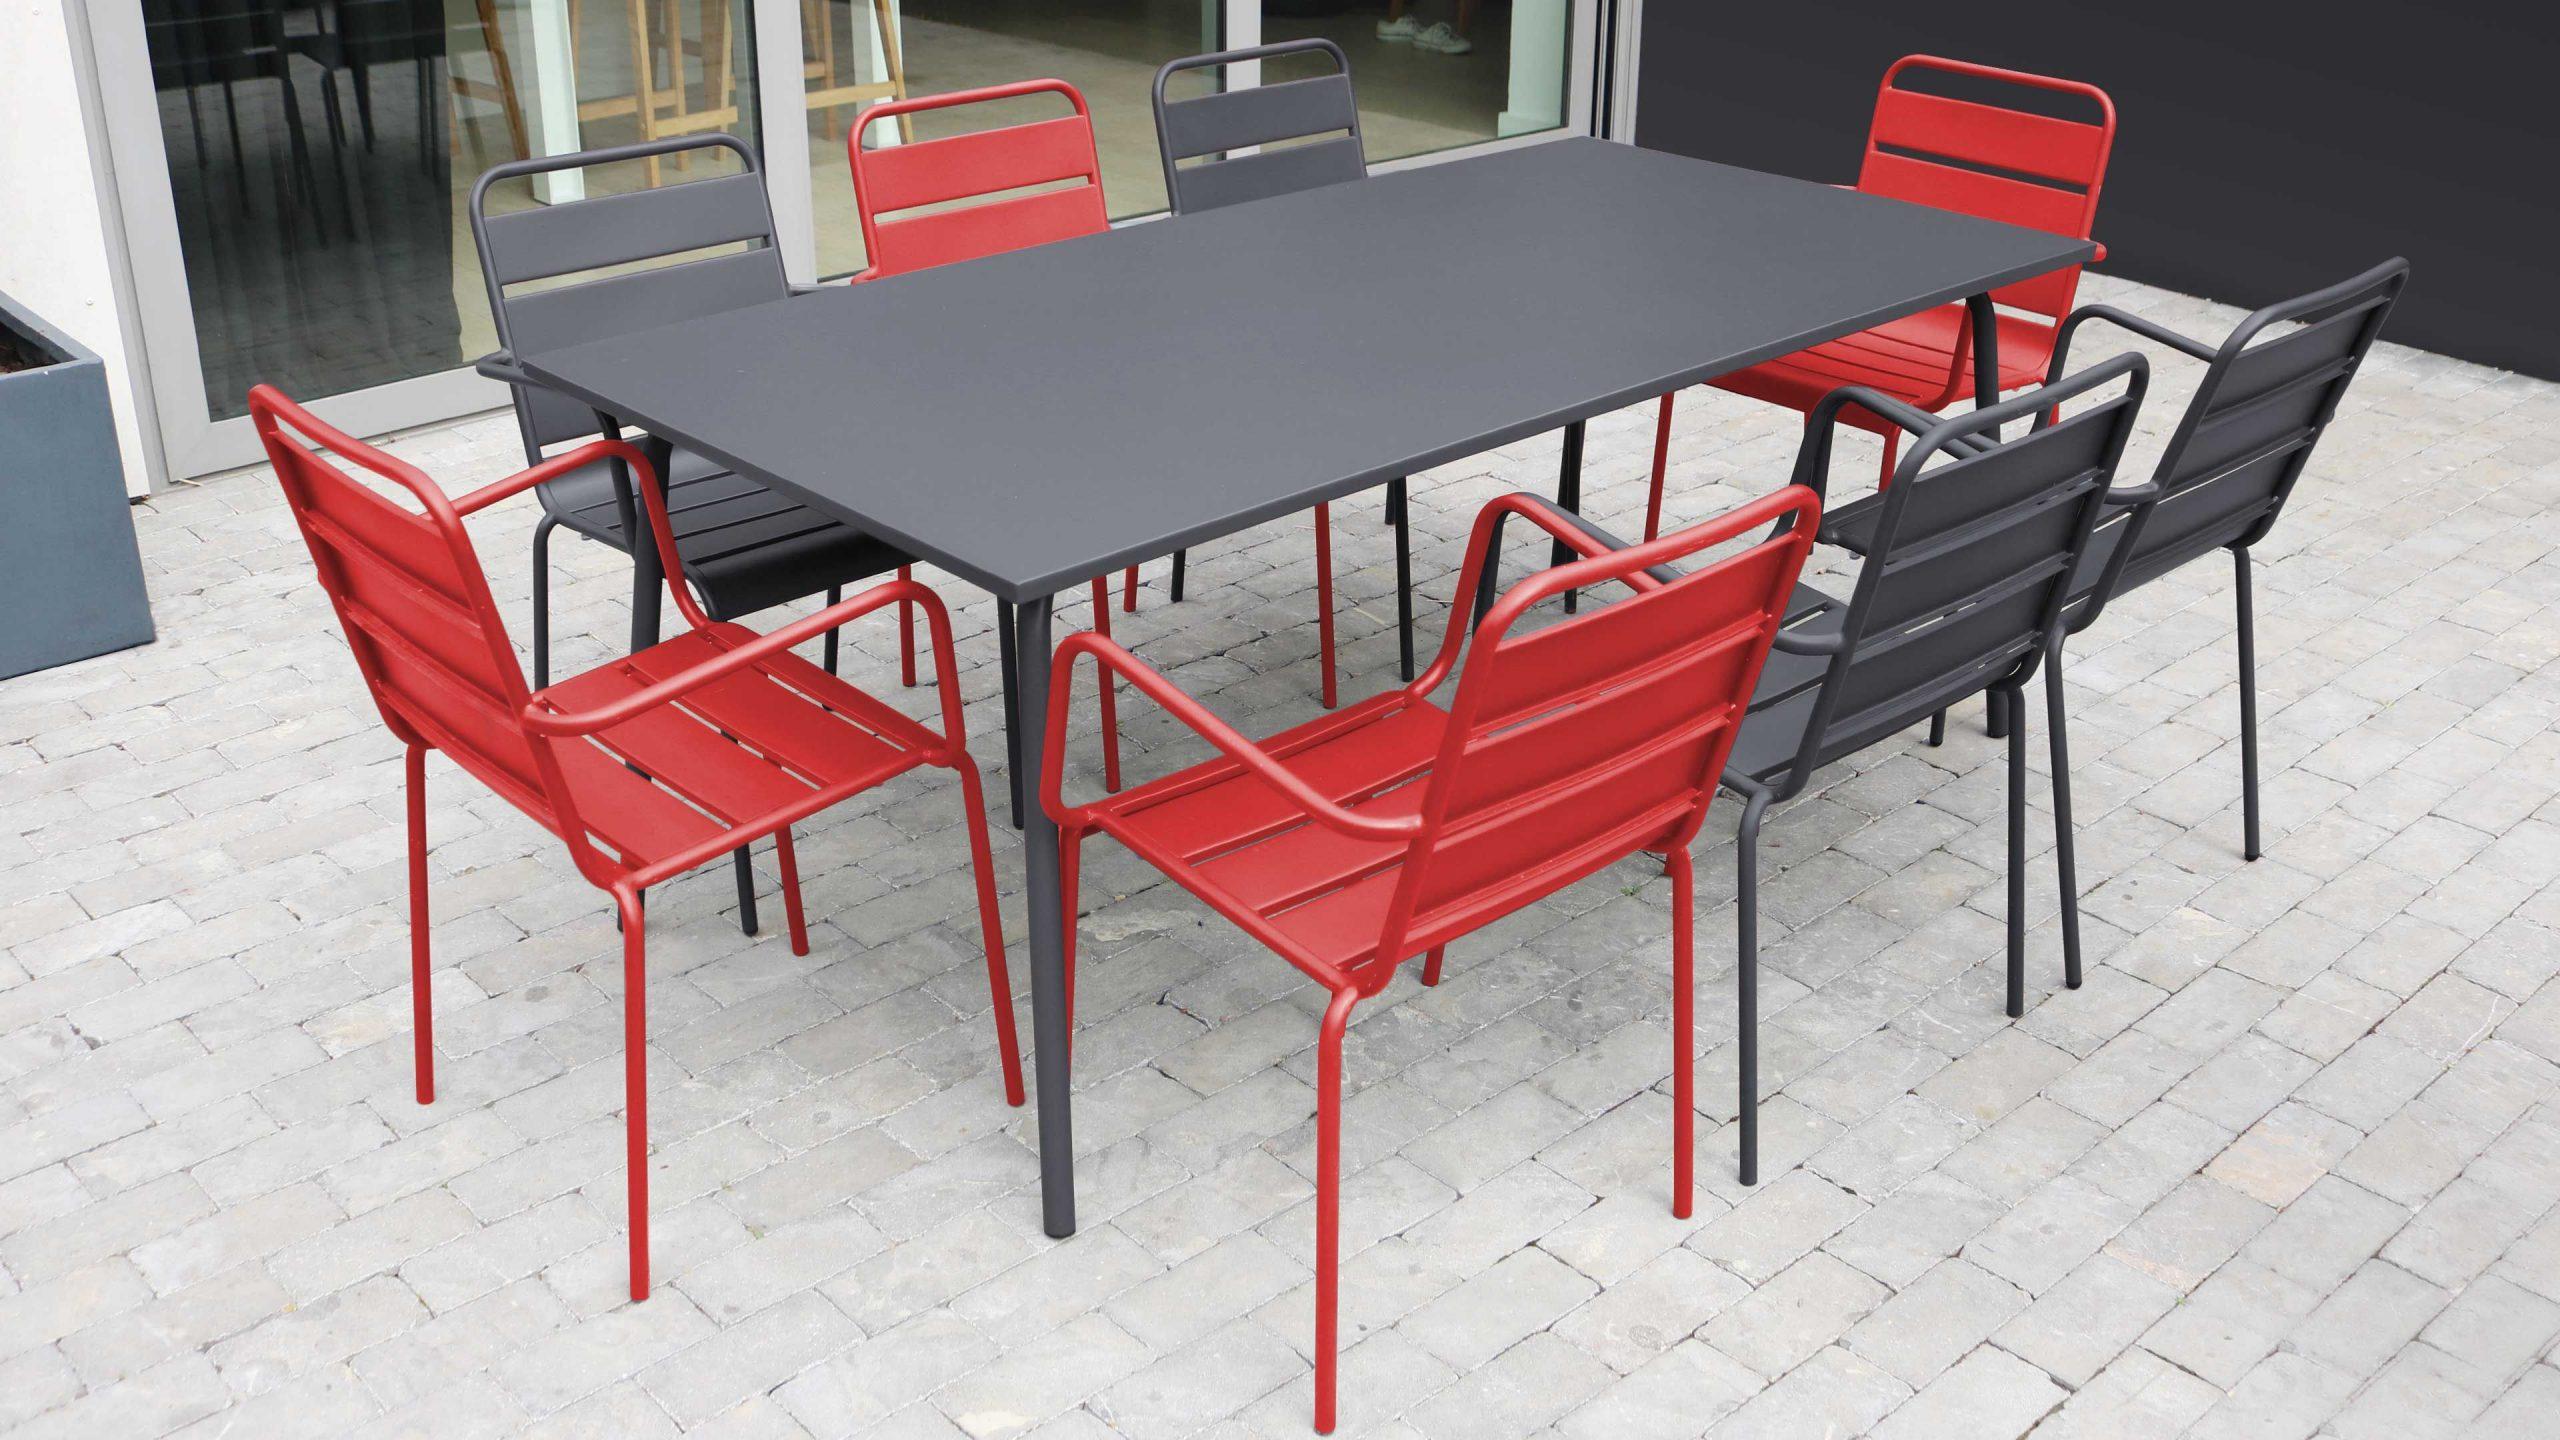 Salon De Jardin Metal Table Et Fauteuils avec Table De Jardin Promo